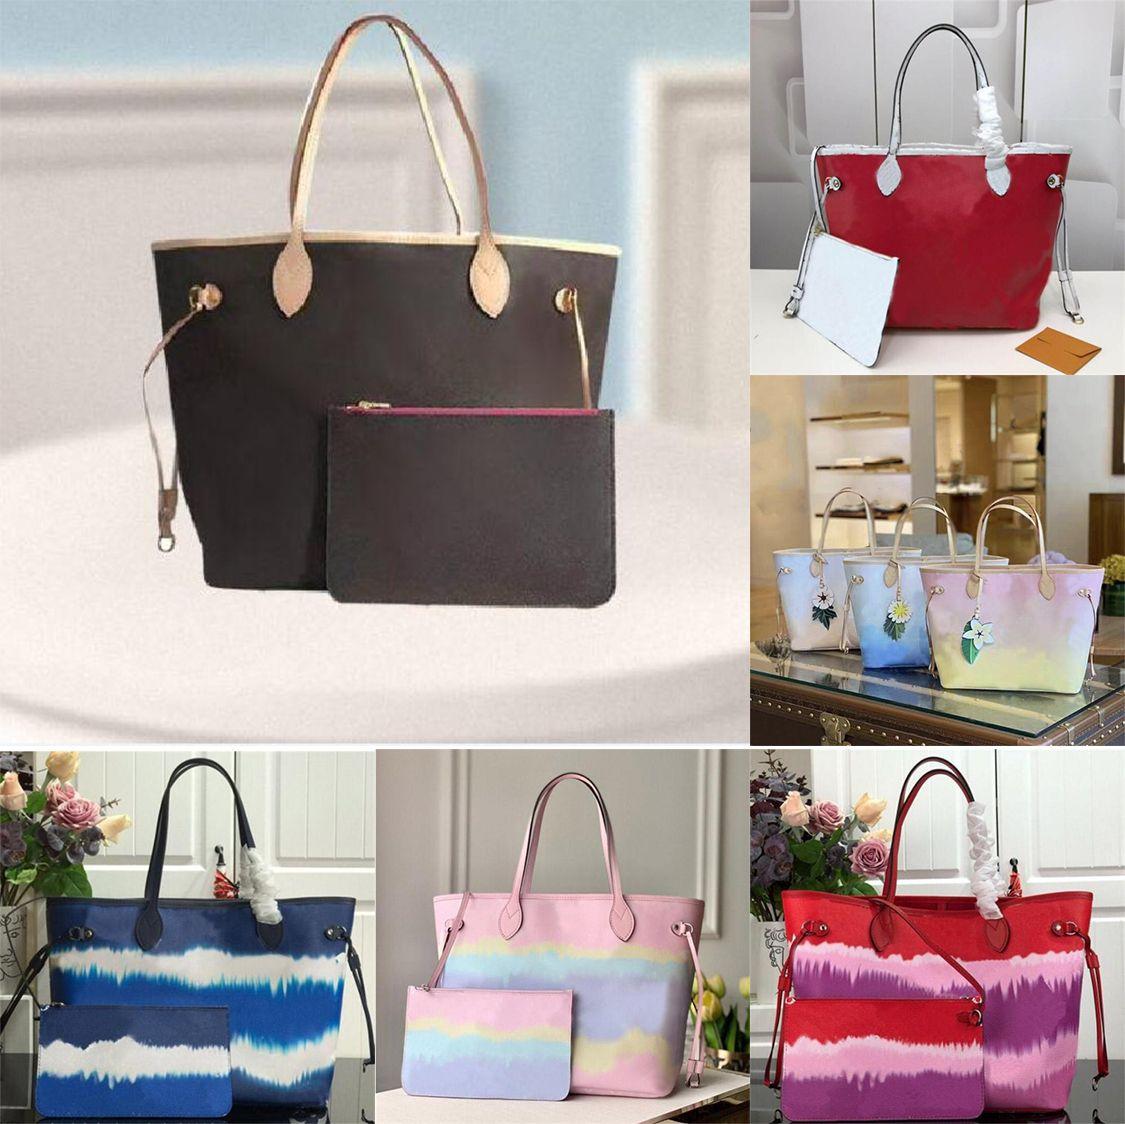 حقائب المصممين الفضلات حقيبة يد المرأة أزياء عارضة حقائب التسوق سعة كبيرة حمل الرقم التسلسلي